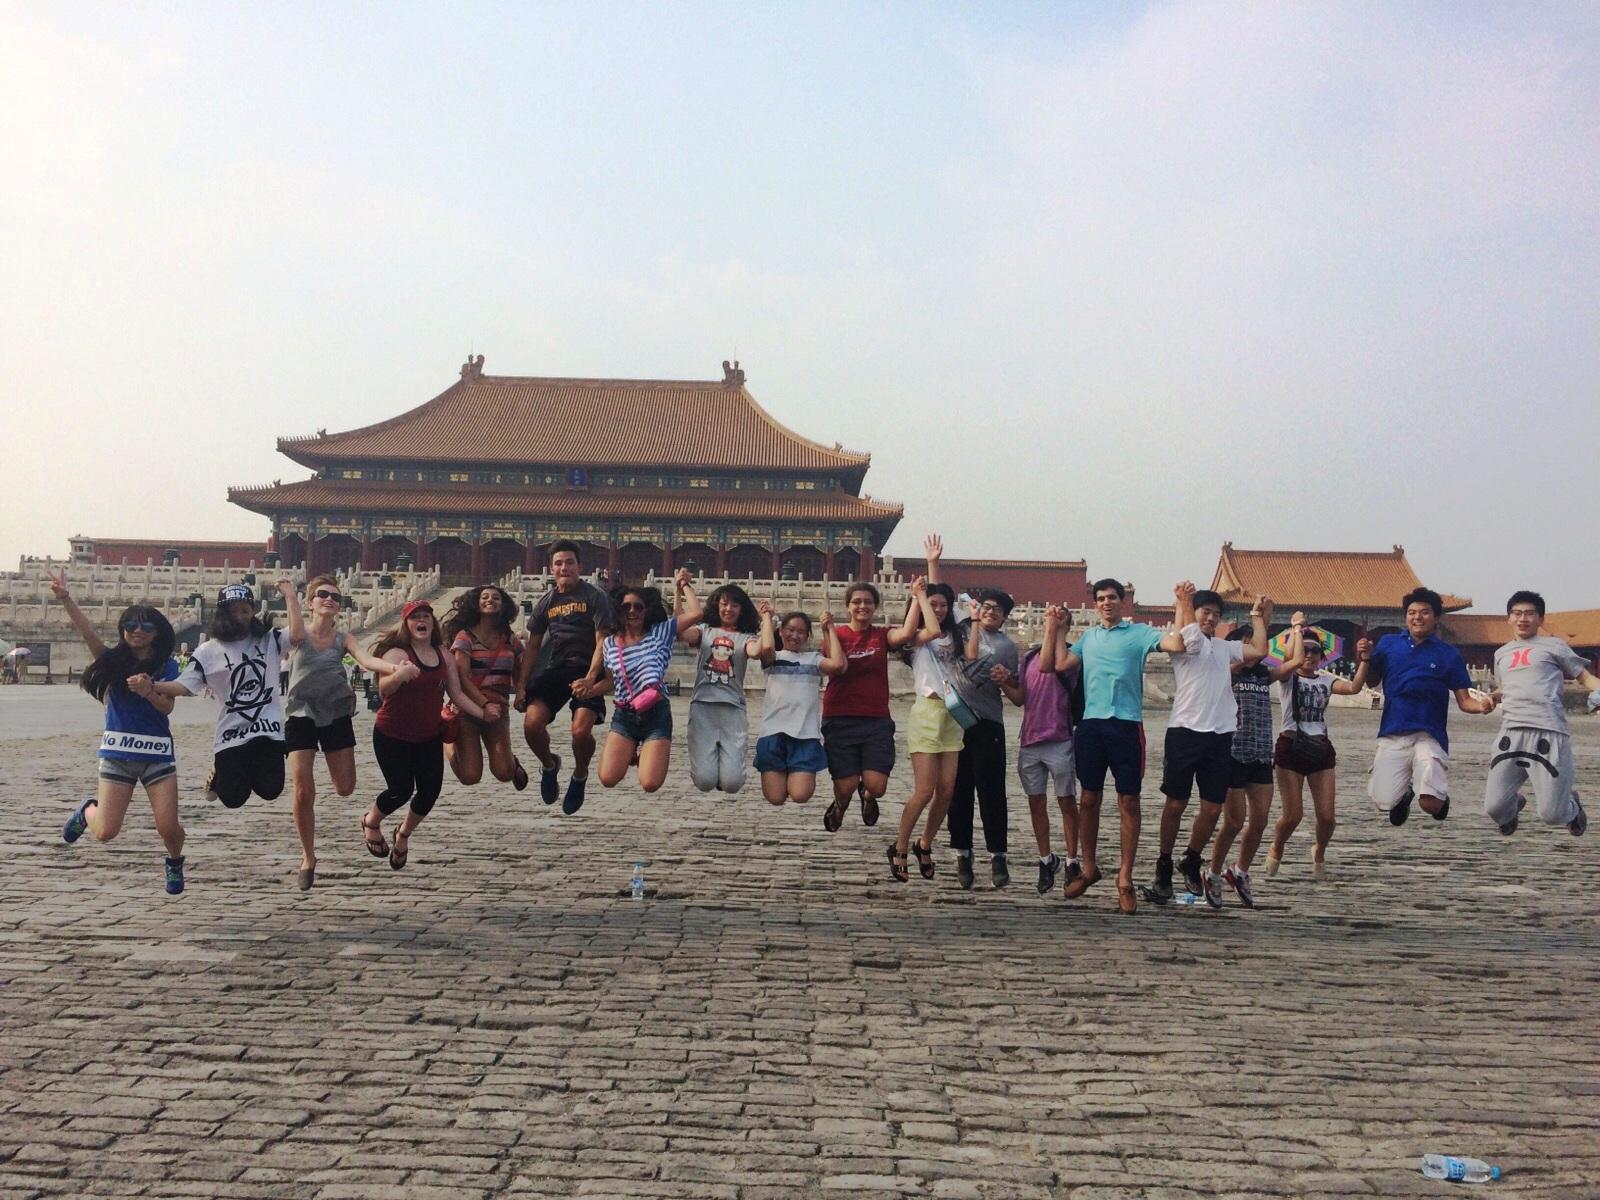 Beijing_Forbidden City_Group Selfie.jpg